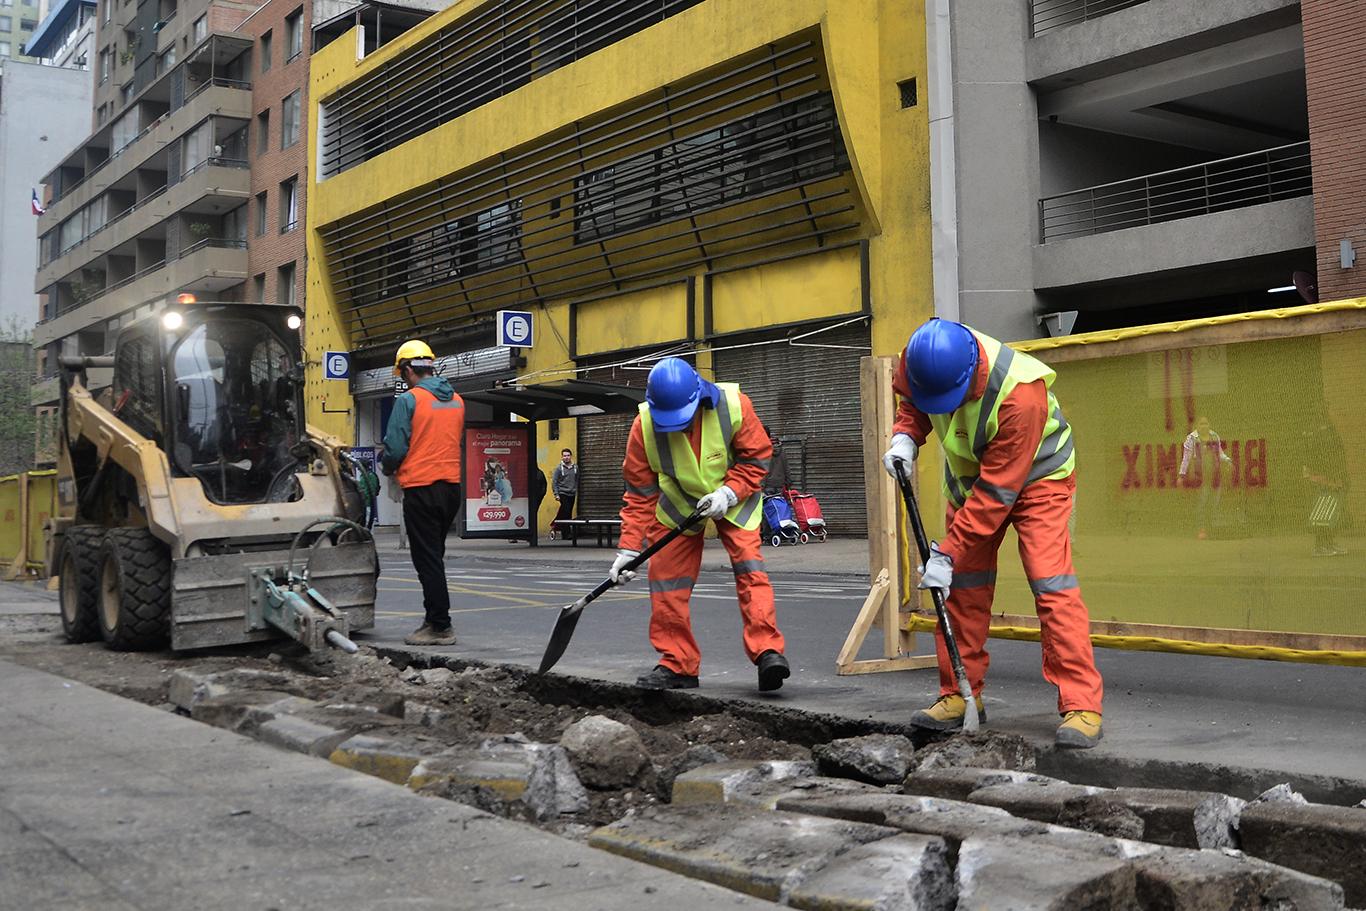 Postúlate a empleos recientes en Santiago de Chile, Región Metropolitana disponibles en teraisompcz8d.ga, el mayor sitio web de empleos del mundo.